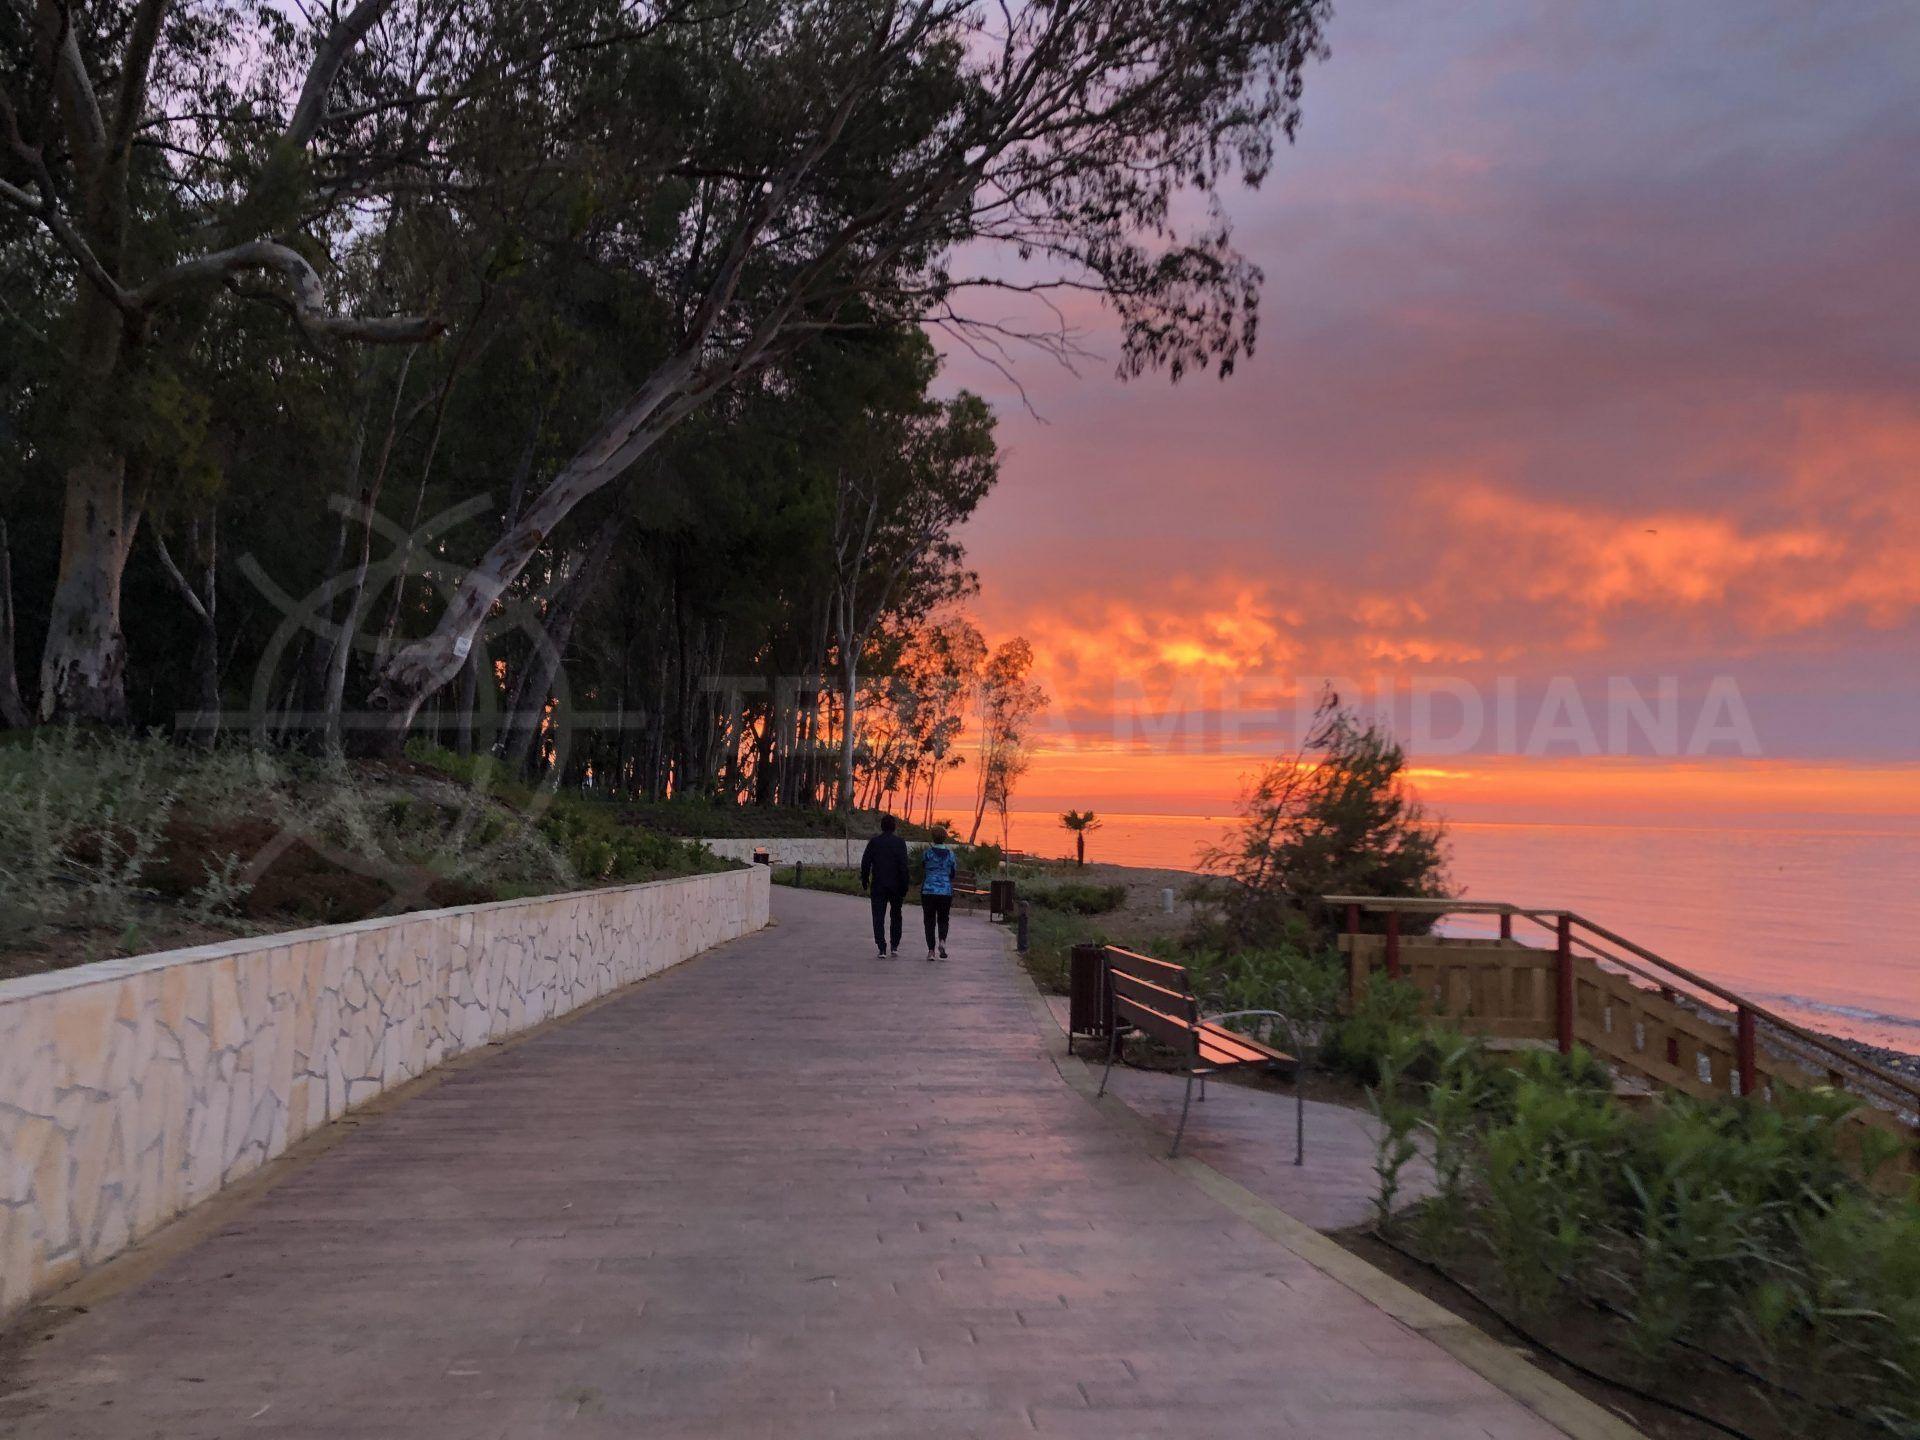 Un nouveau tronçon de sentier littoral relie Estepona